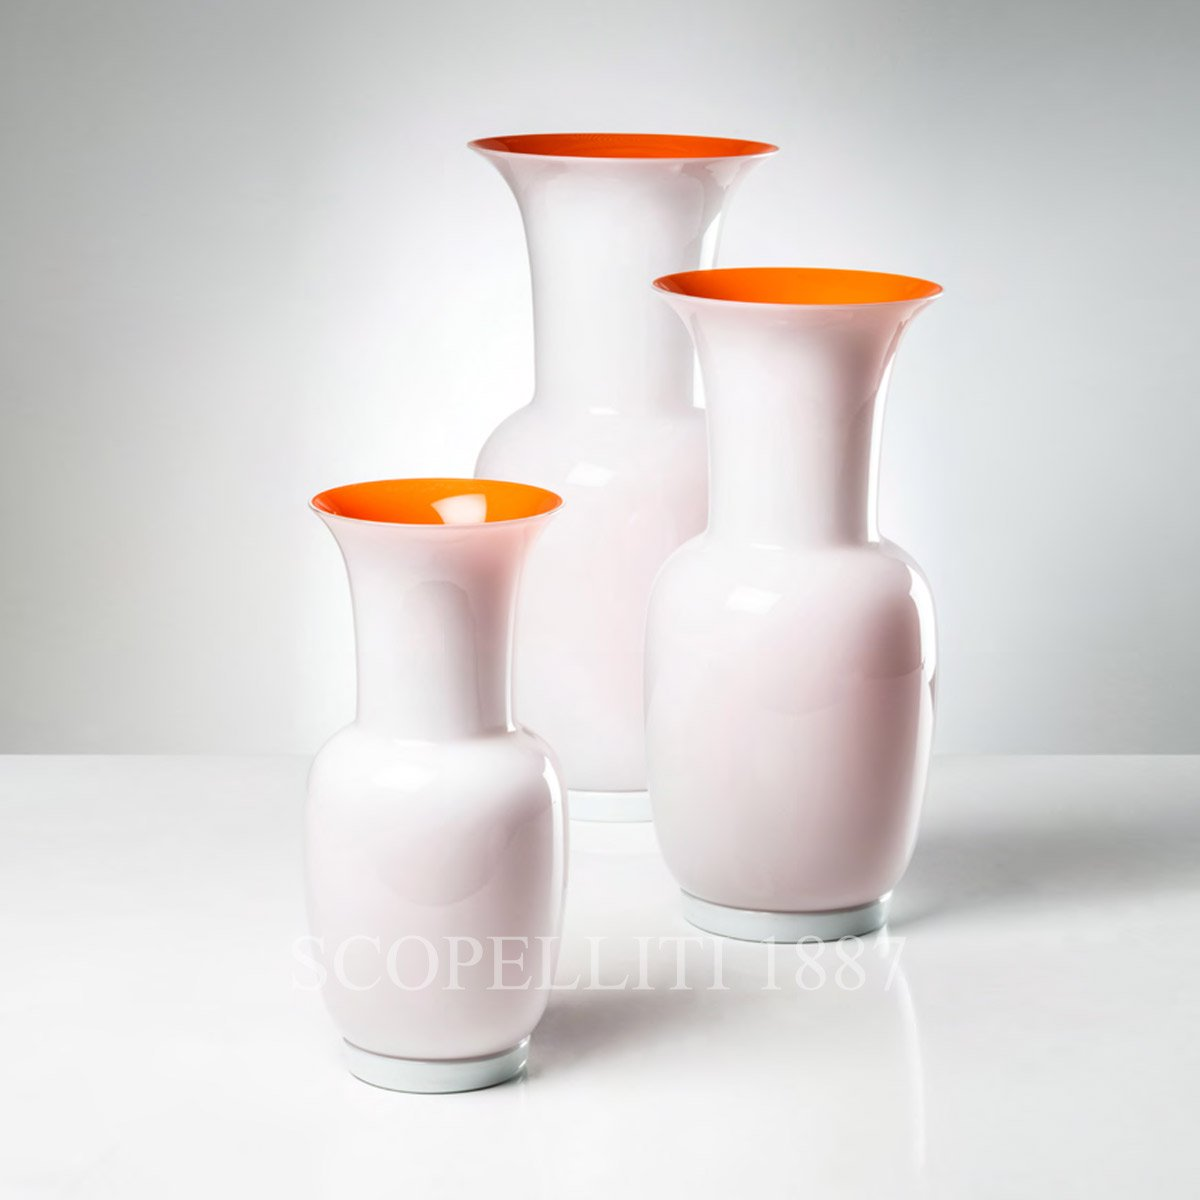 new venini vases white orange